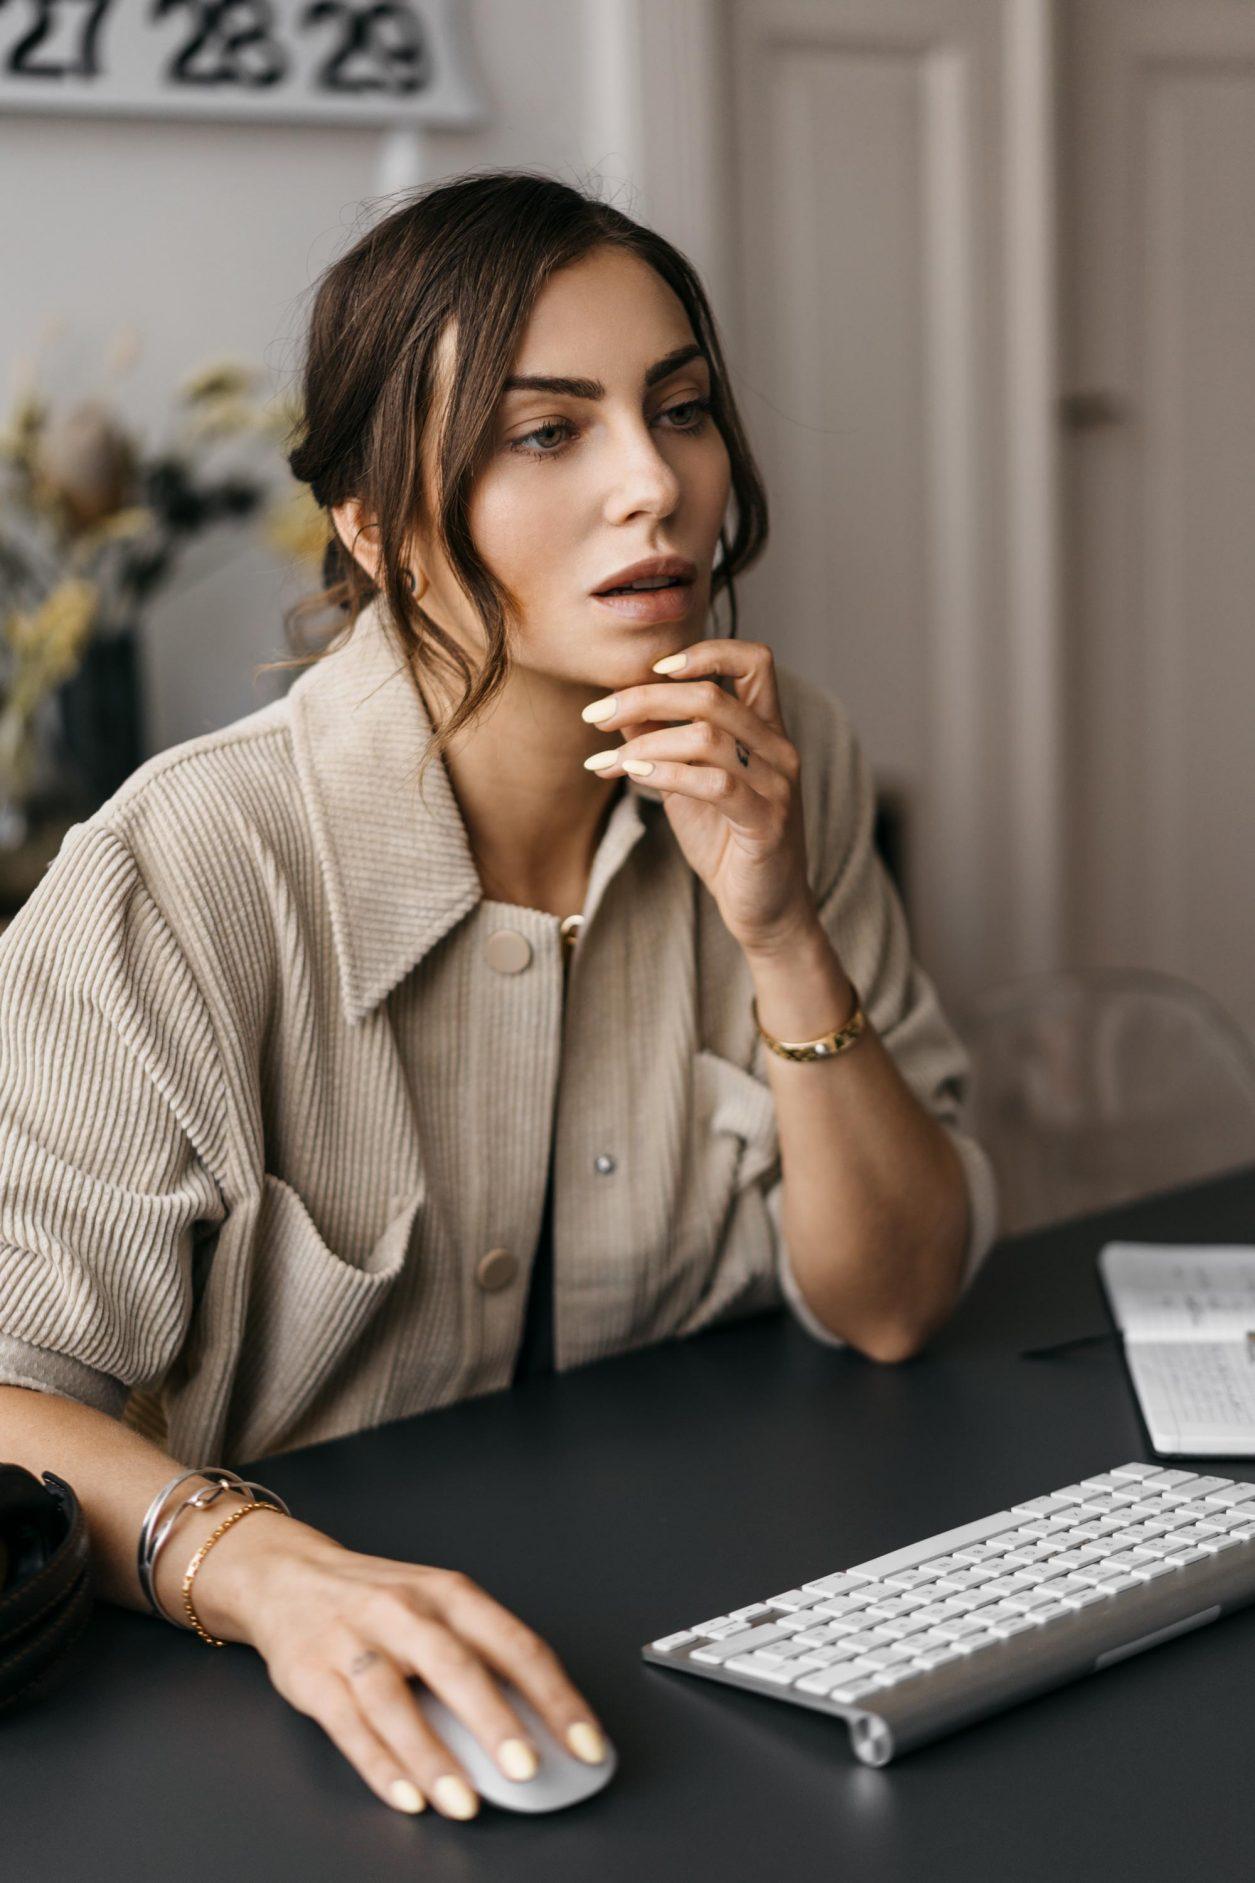 Home Office - meine Strategie | Von zuhause produktiv arbeiten - Tipps von Fashion Blogger Masha Sedgwick